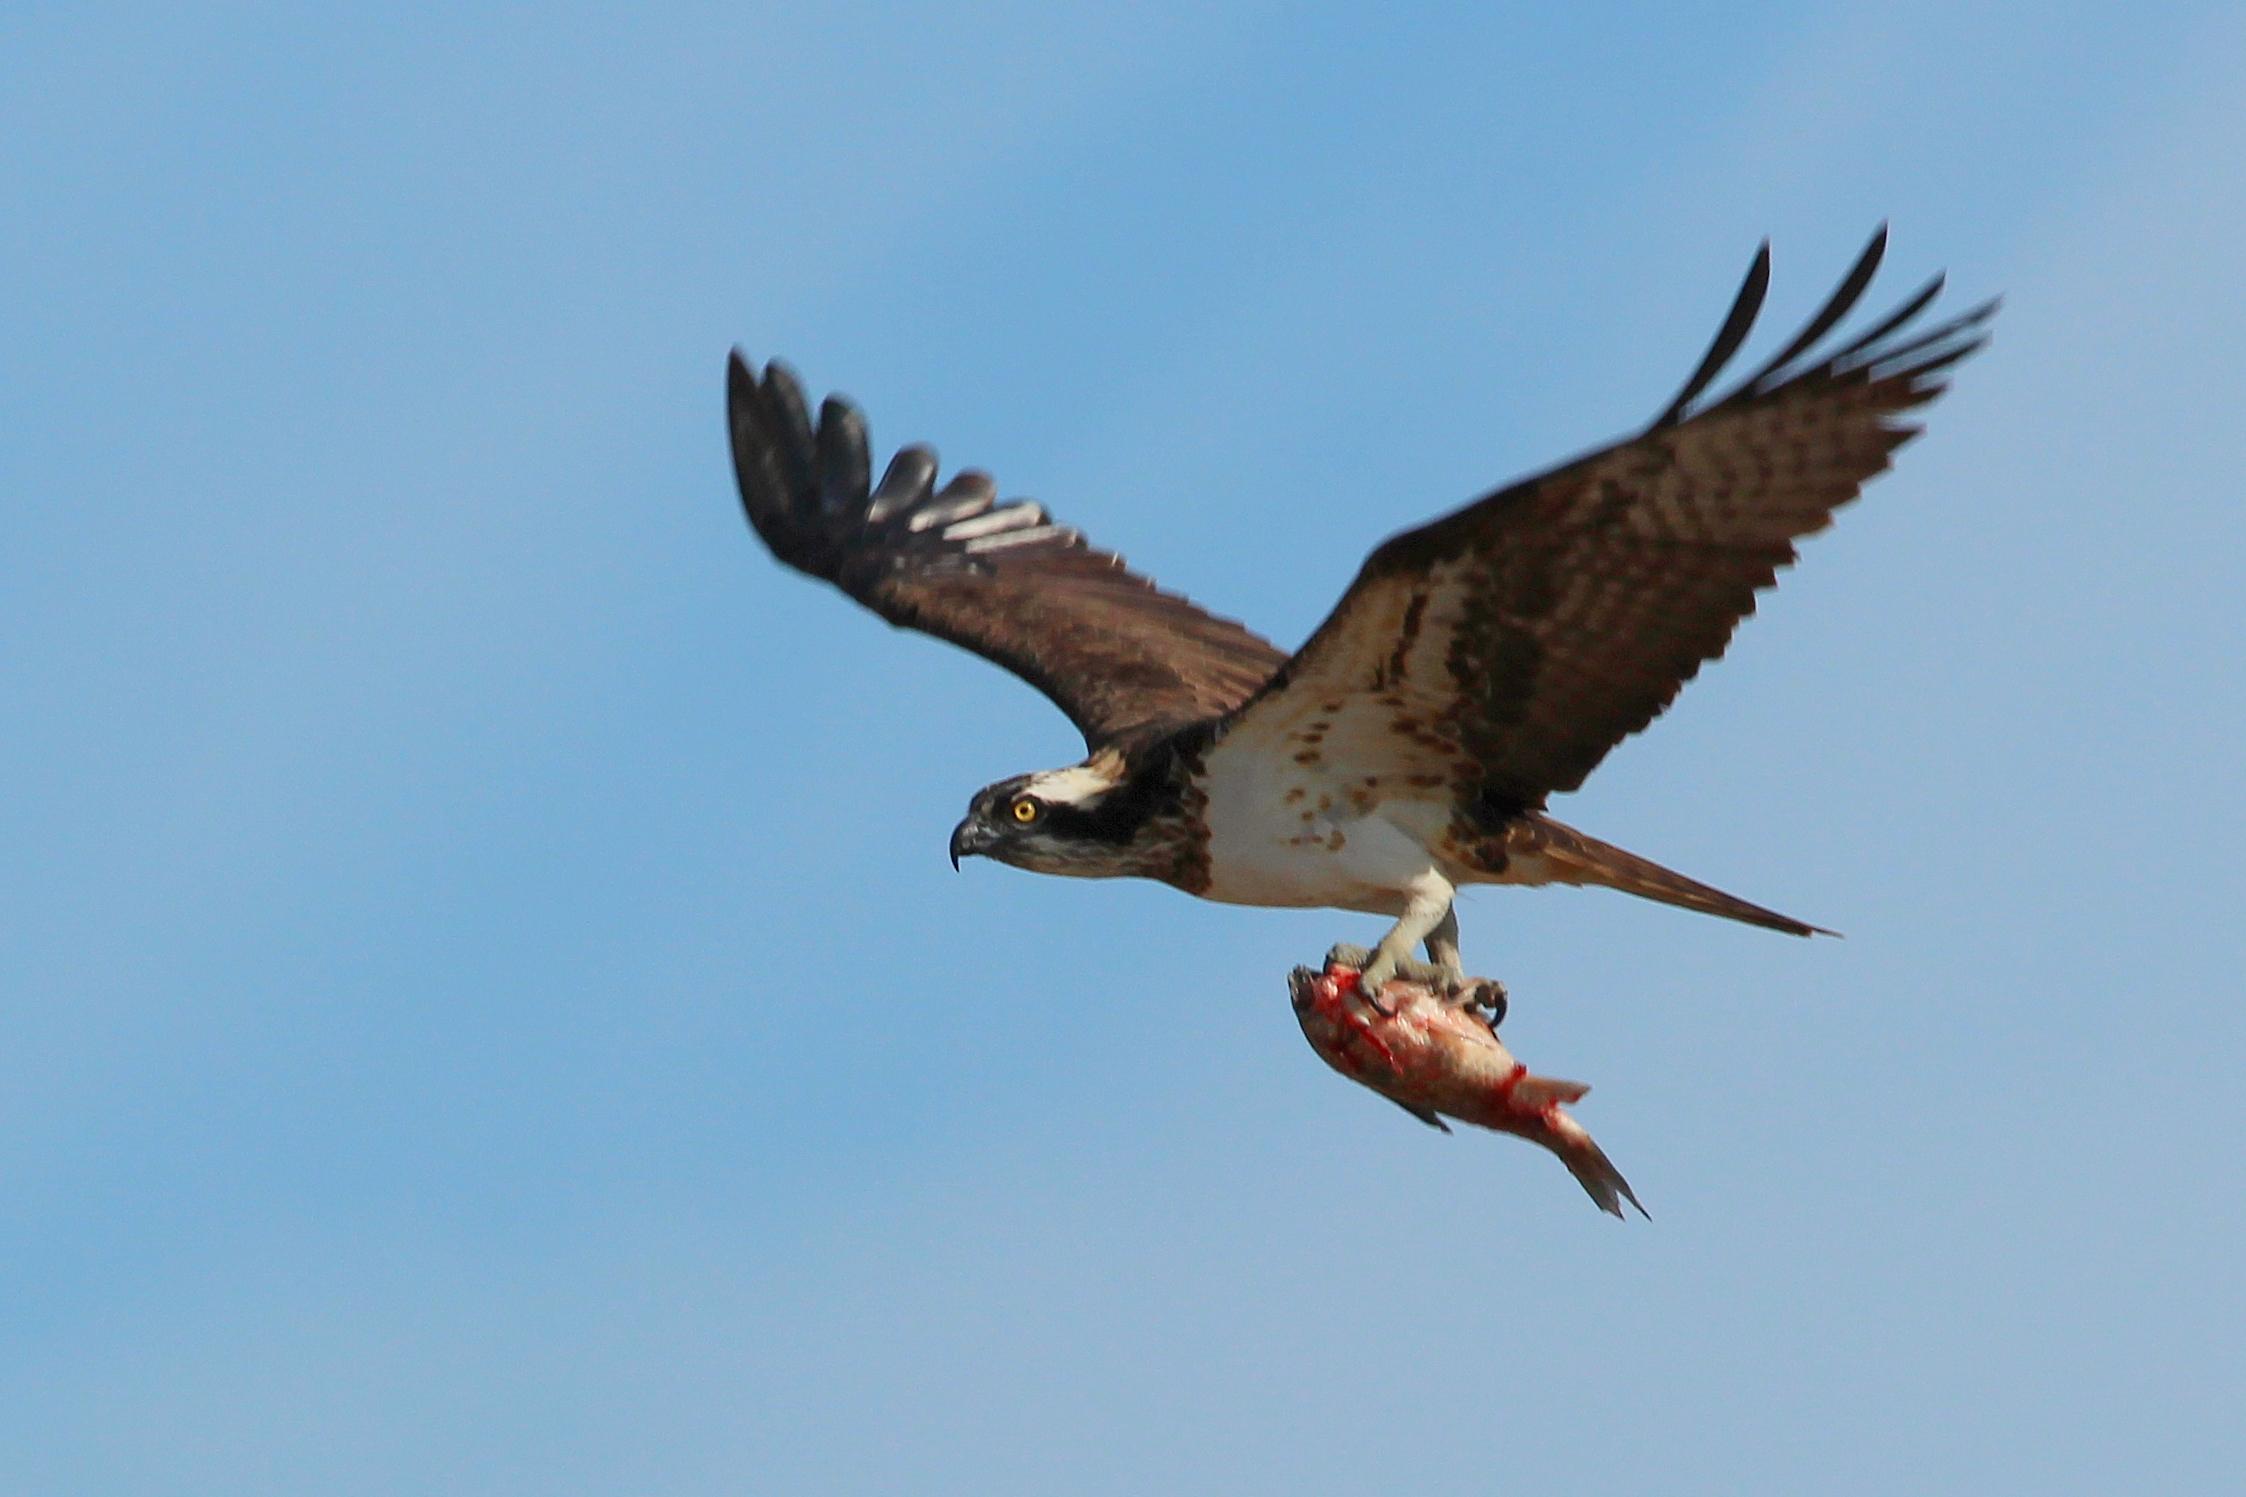 Una águila pescadora transporta a su presa en las garras. Imagen: Pablo Vera / GV